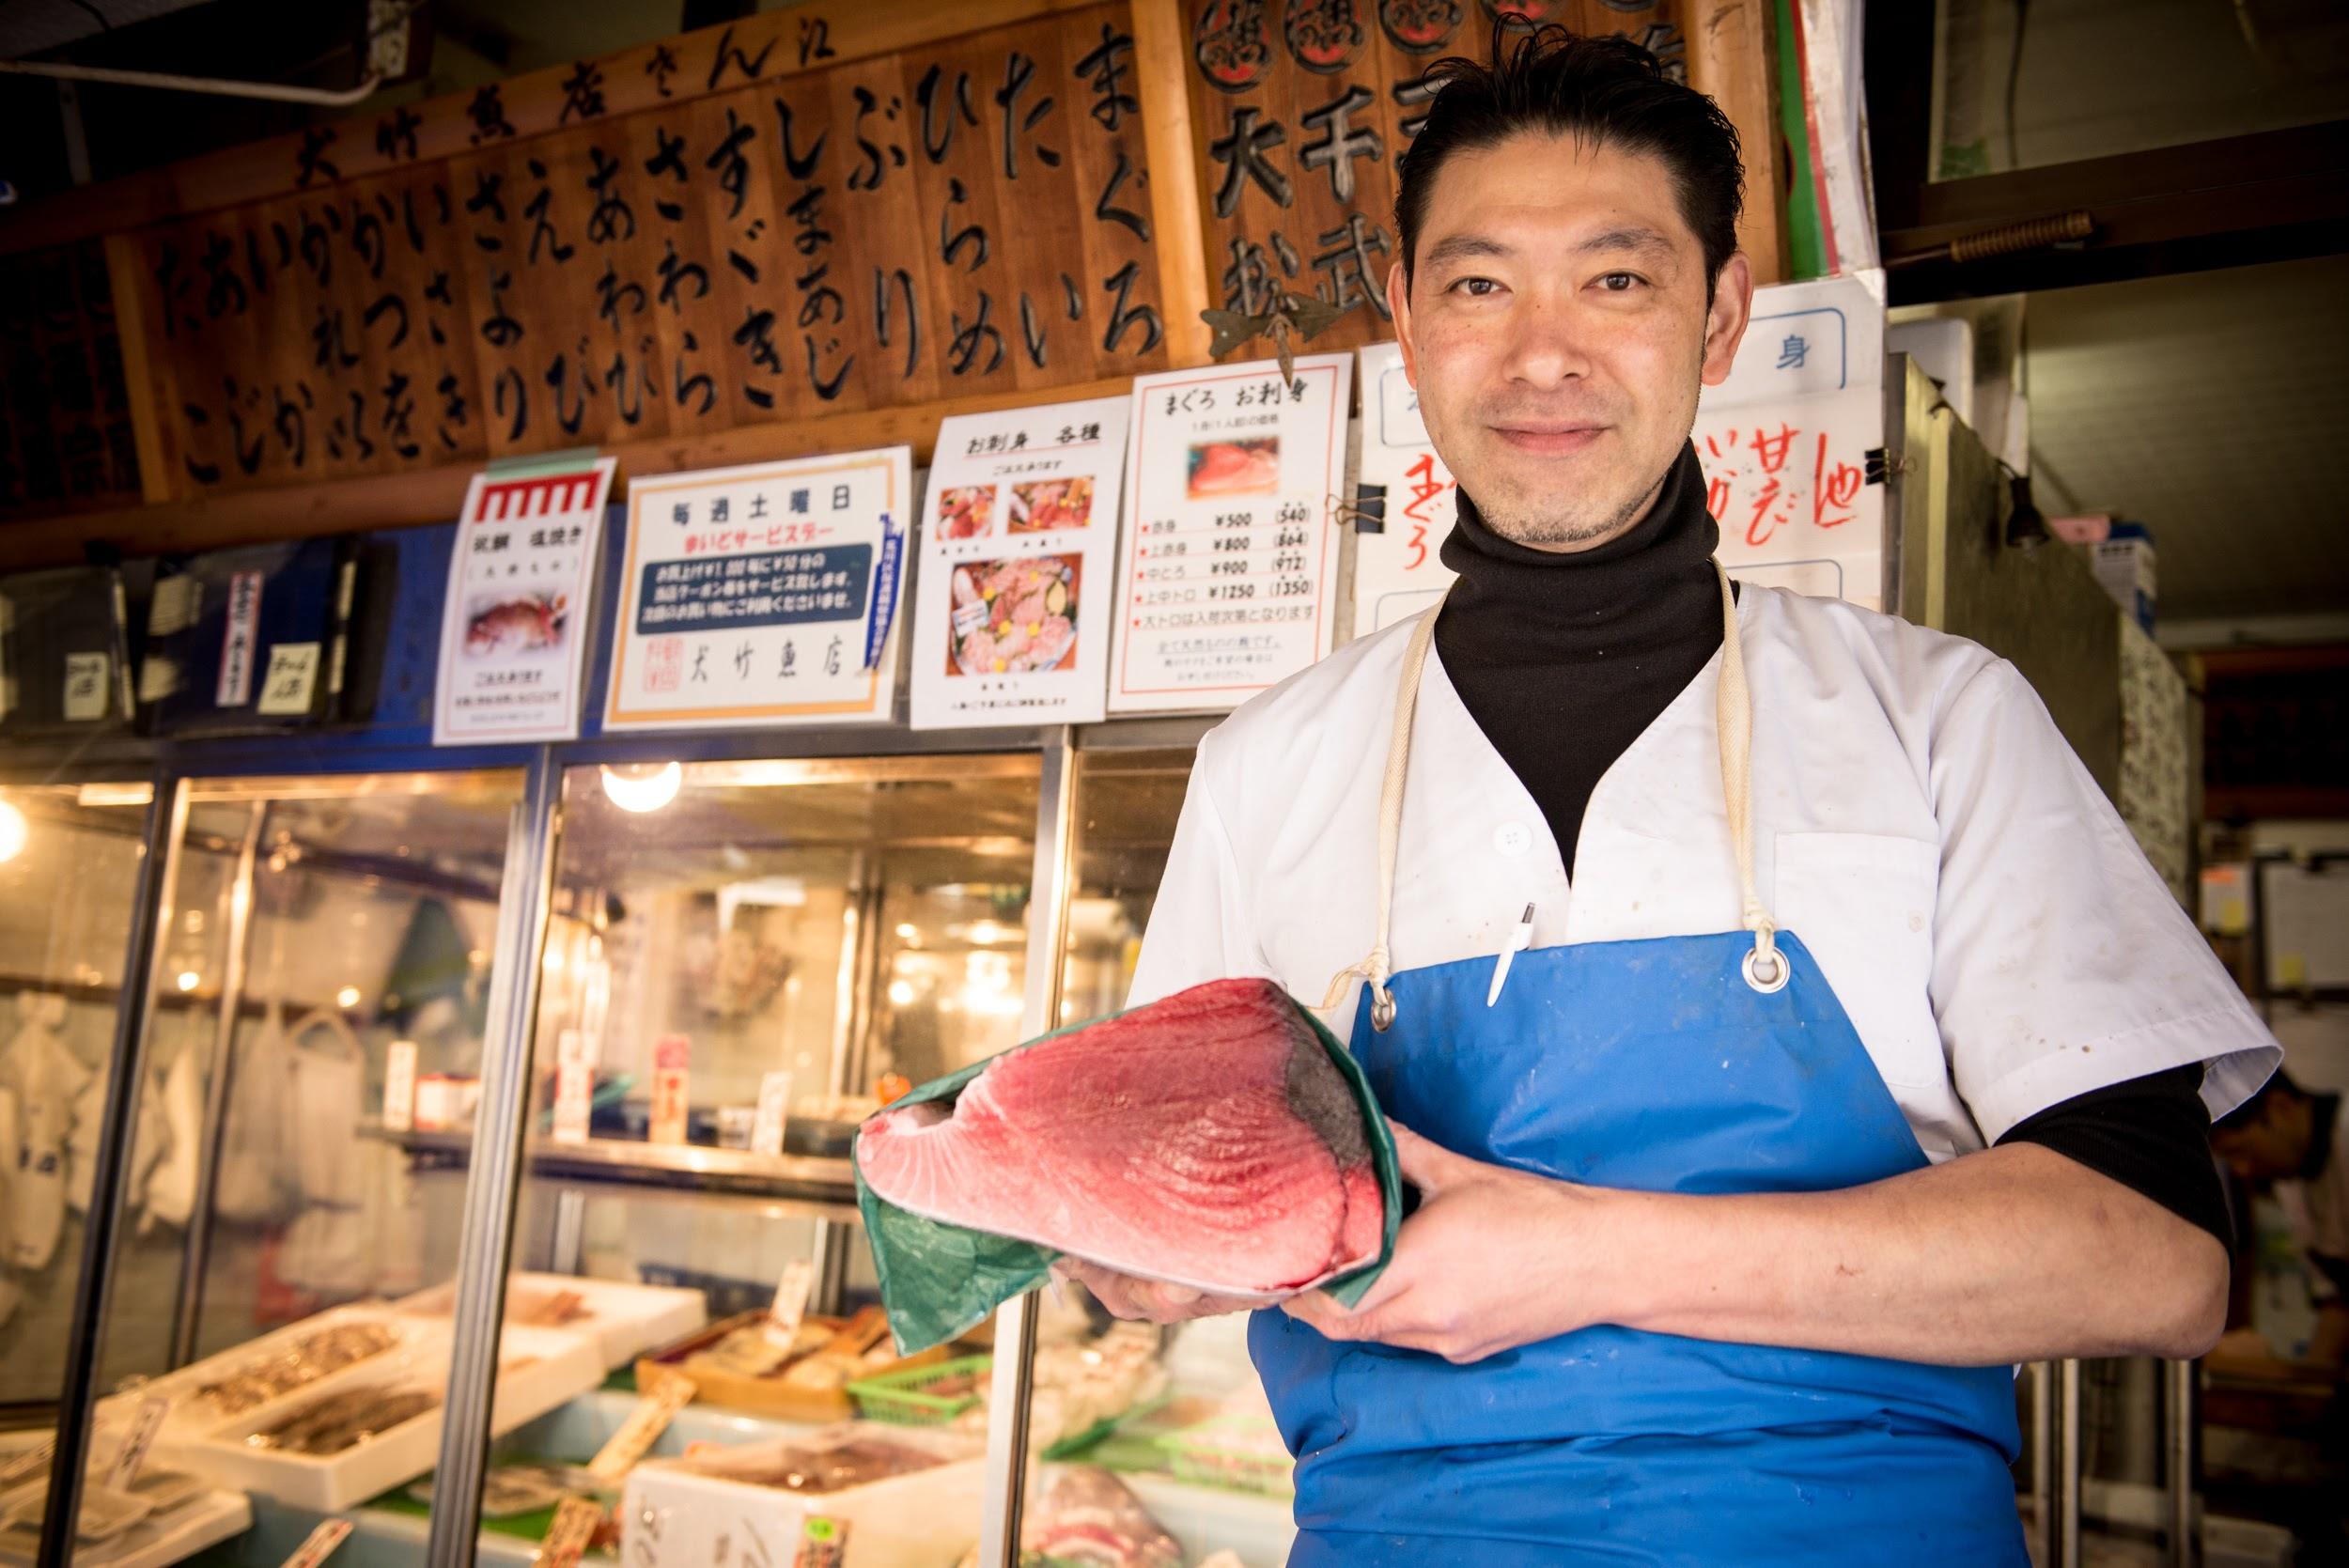 <特集>南千住仲通り商店街 〜 「だっちゃん市」の仕掛け人を再訪。「犬竹魚店」